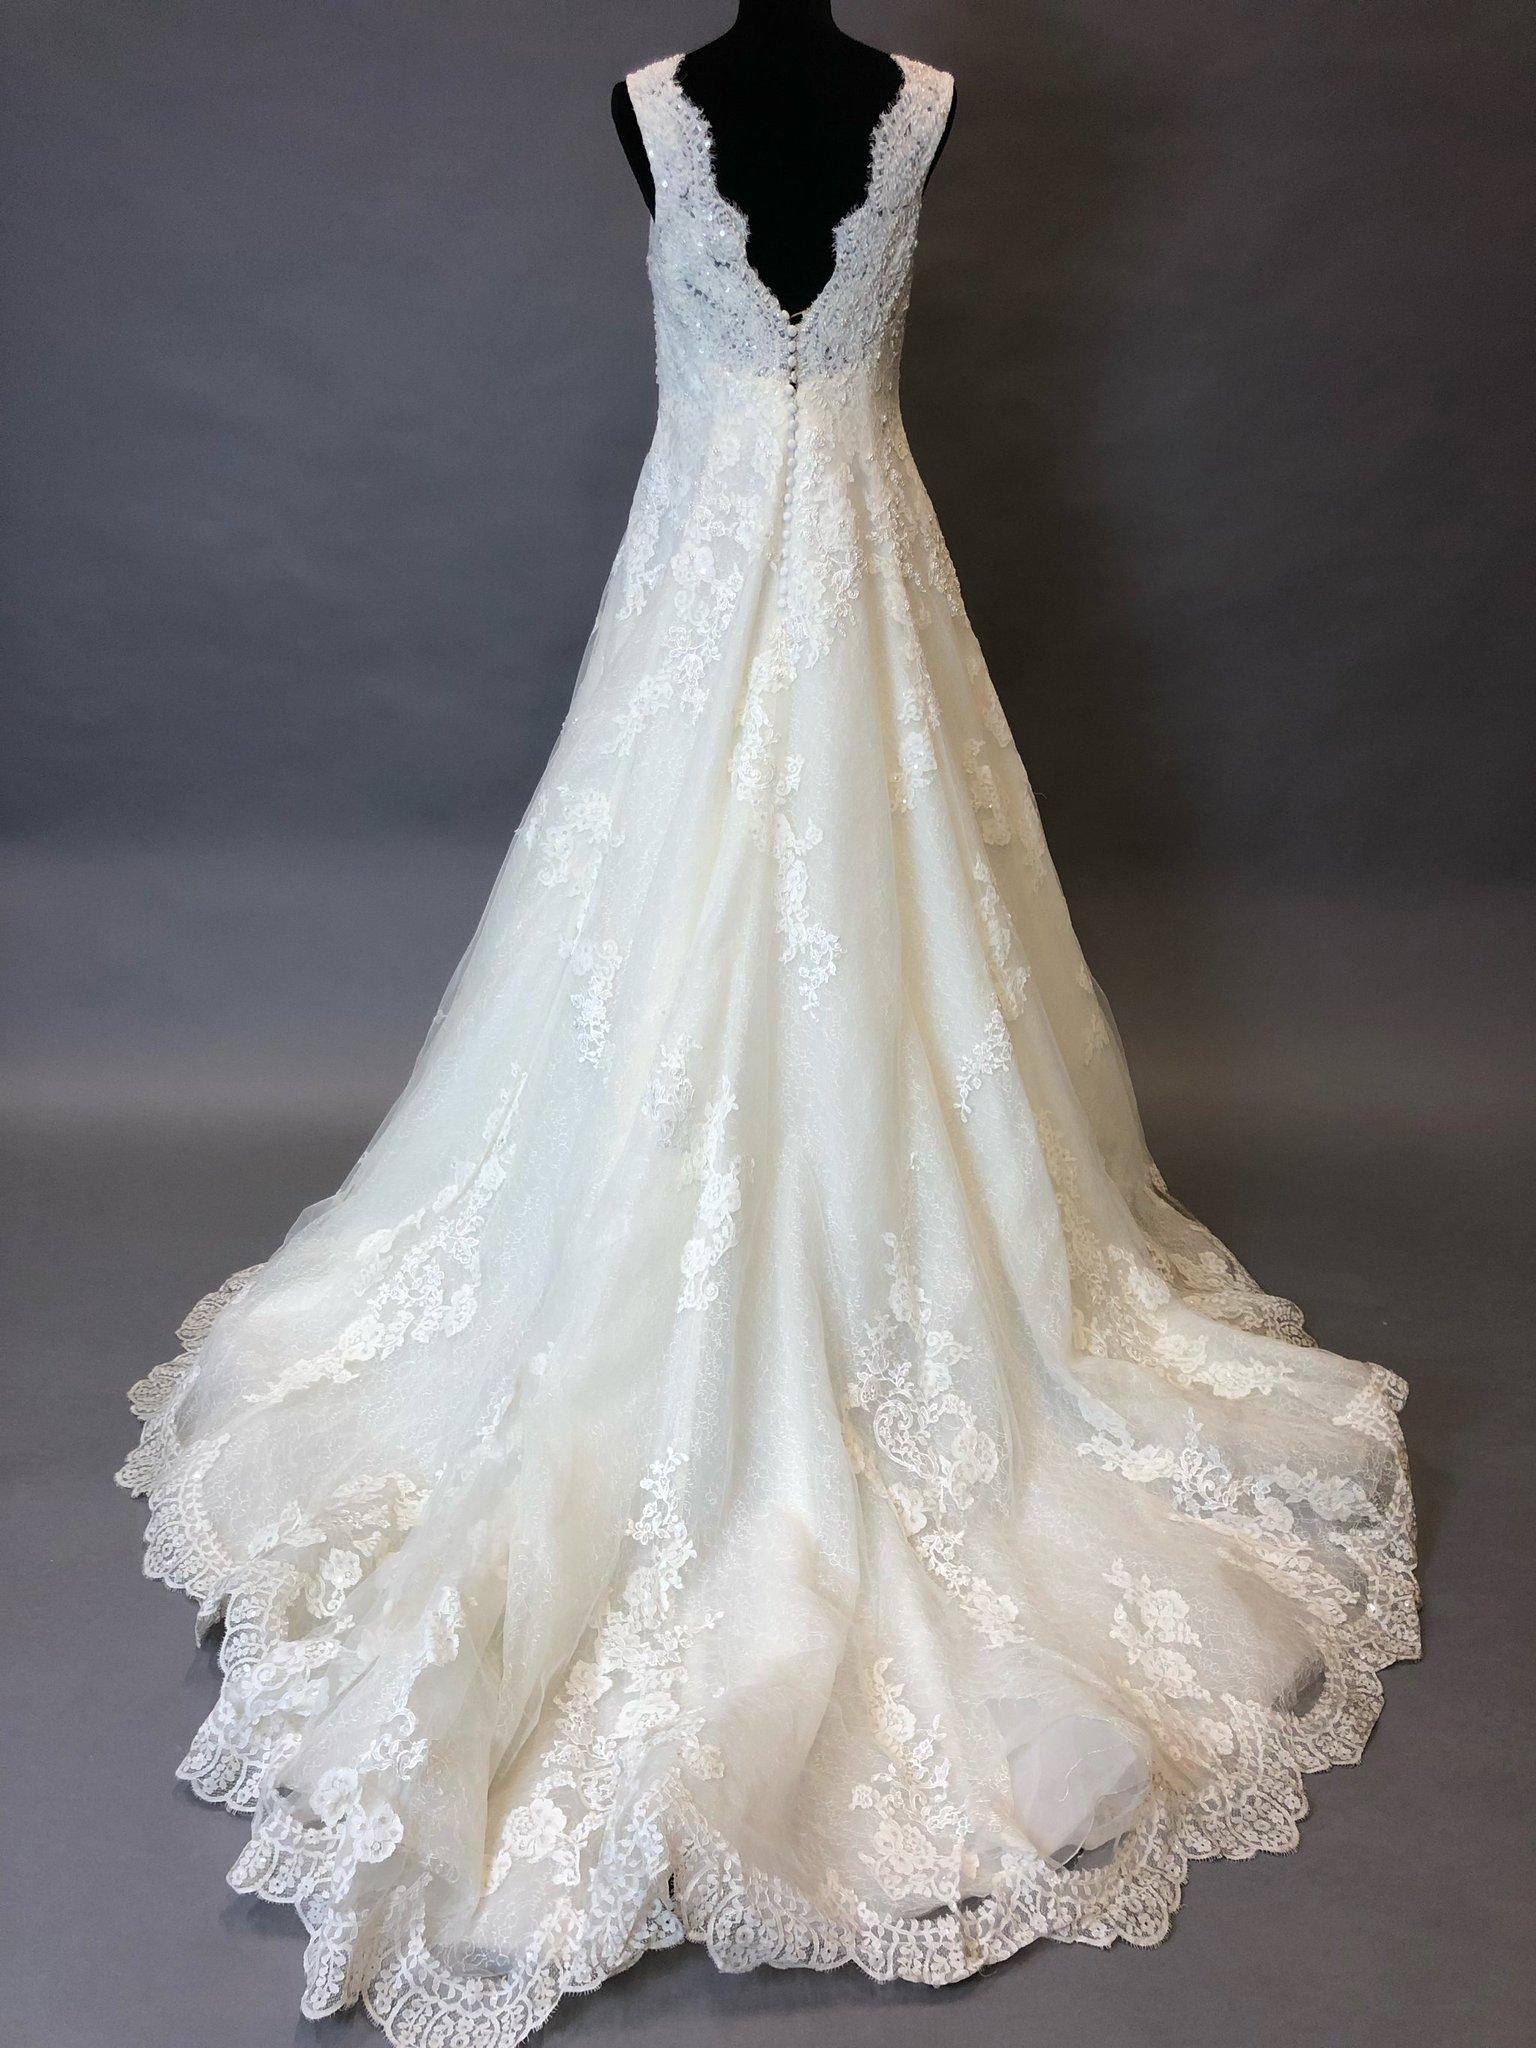 8e51fc438ba6 Bröllopsklänning Pronovias Barcelona.. (349489033) ᐈ Godsinlösen på ...